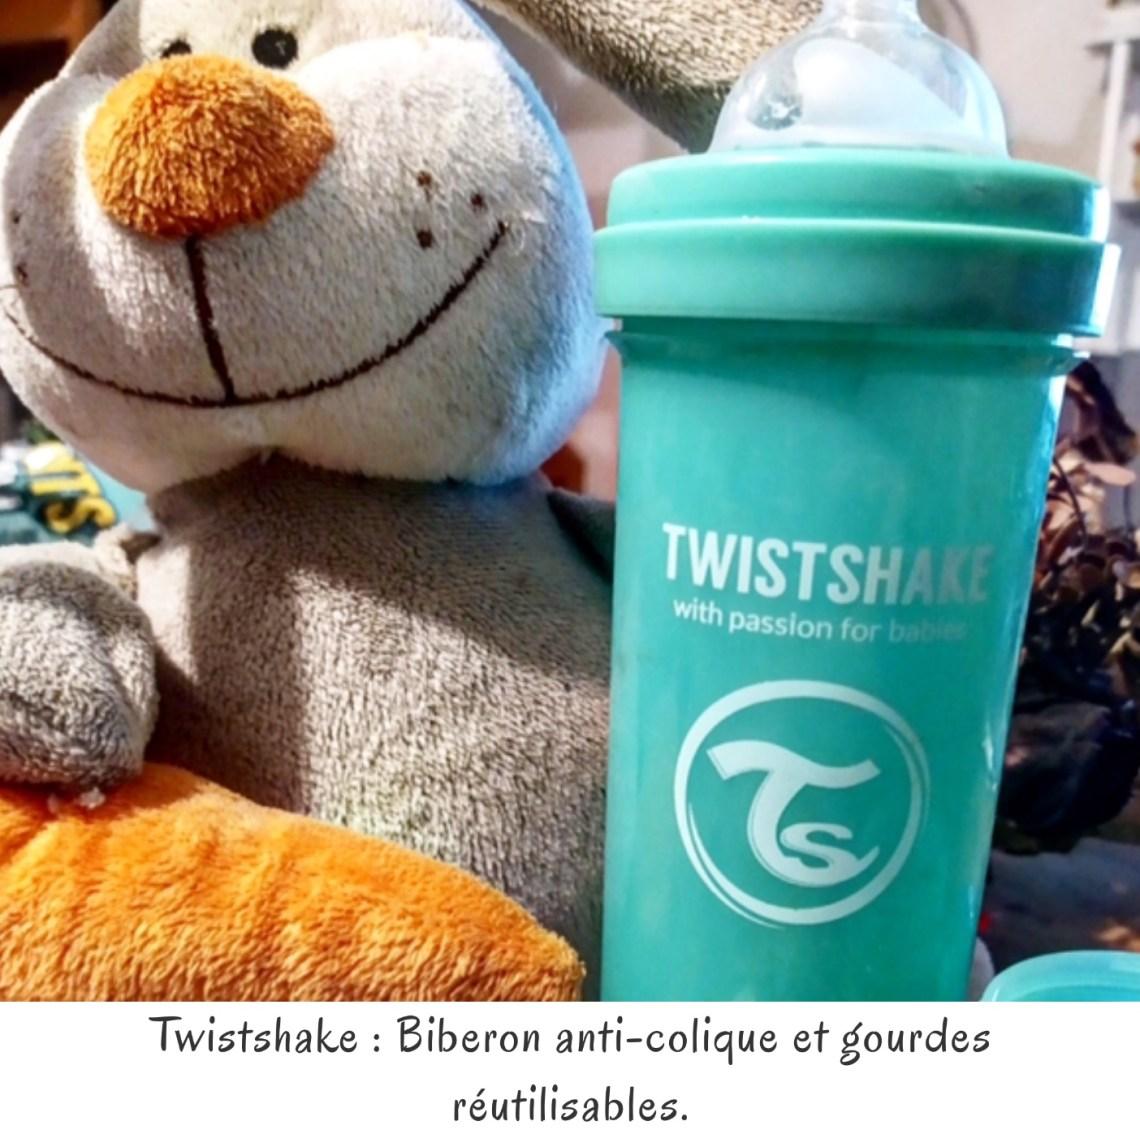 Twistshake : Biberon anti-colique et gourdes réutilisables.